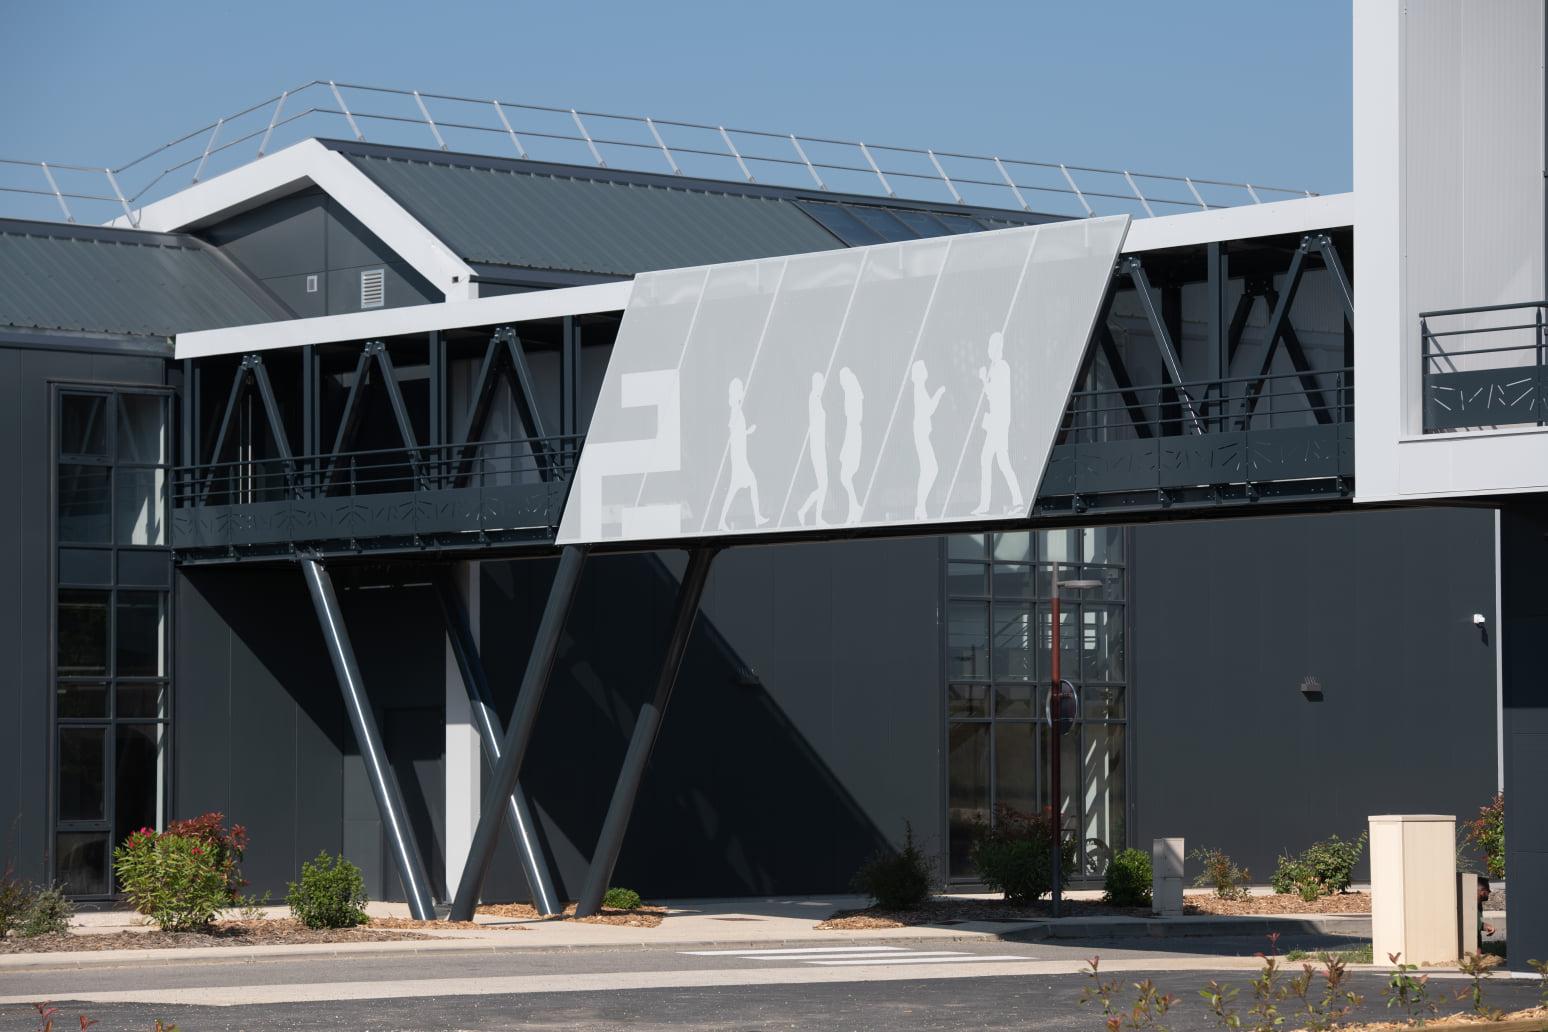 Extension du bâtiment PRODEVAL : 👉 Vêture de la passerelle en tôles perforées 👉 Garde Corps avec motif en découpe laser